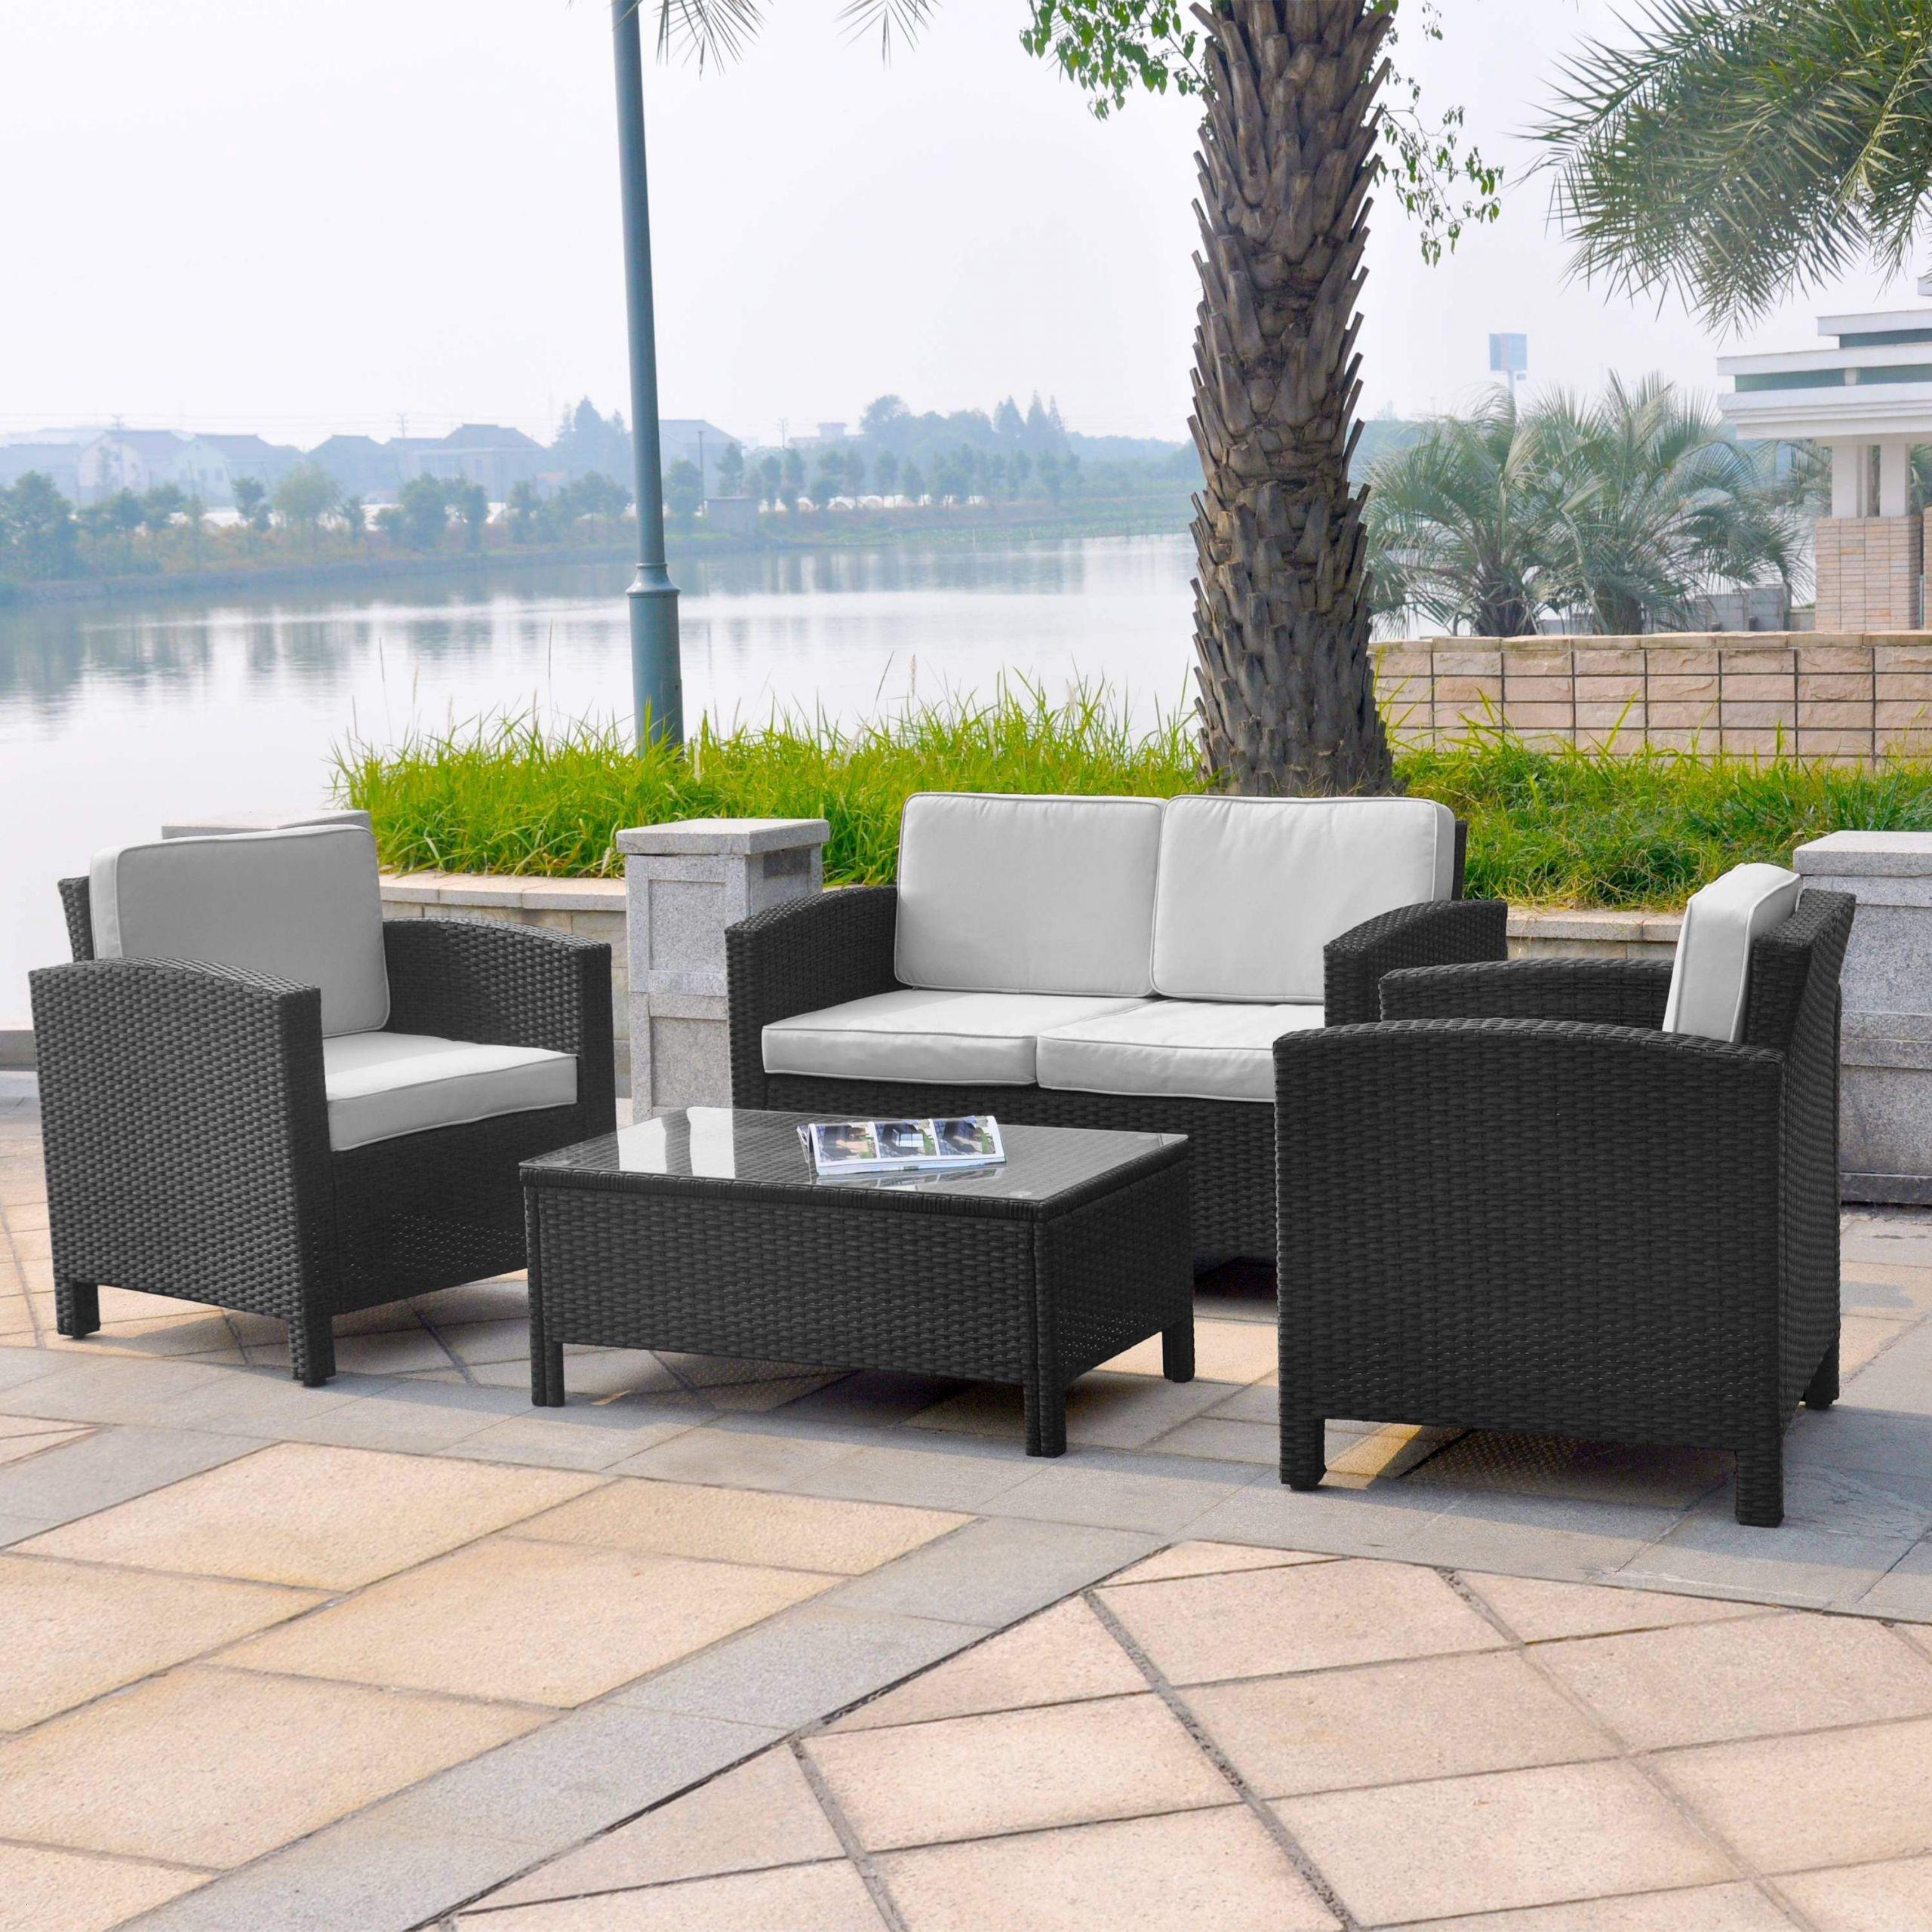 garten terrasse ideen schon 11 tisch stuhle terrasse einzigartig of garten terrasse ideen scaled